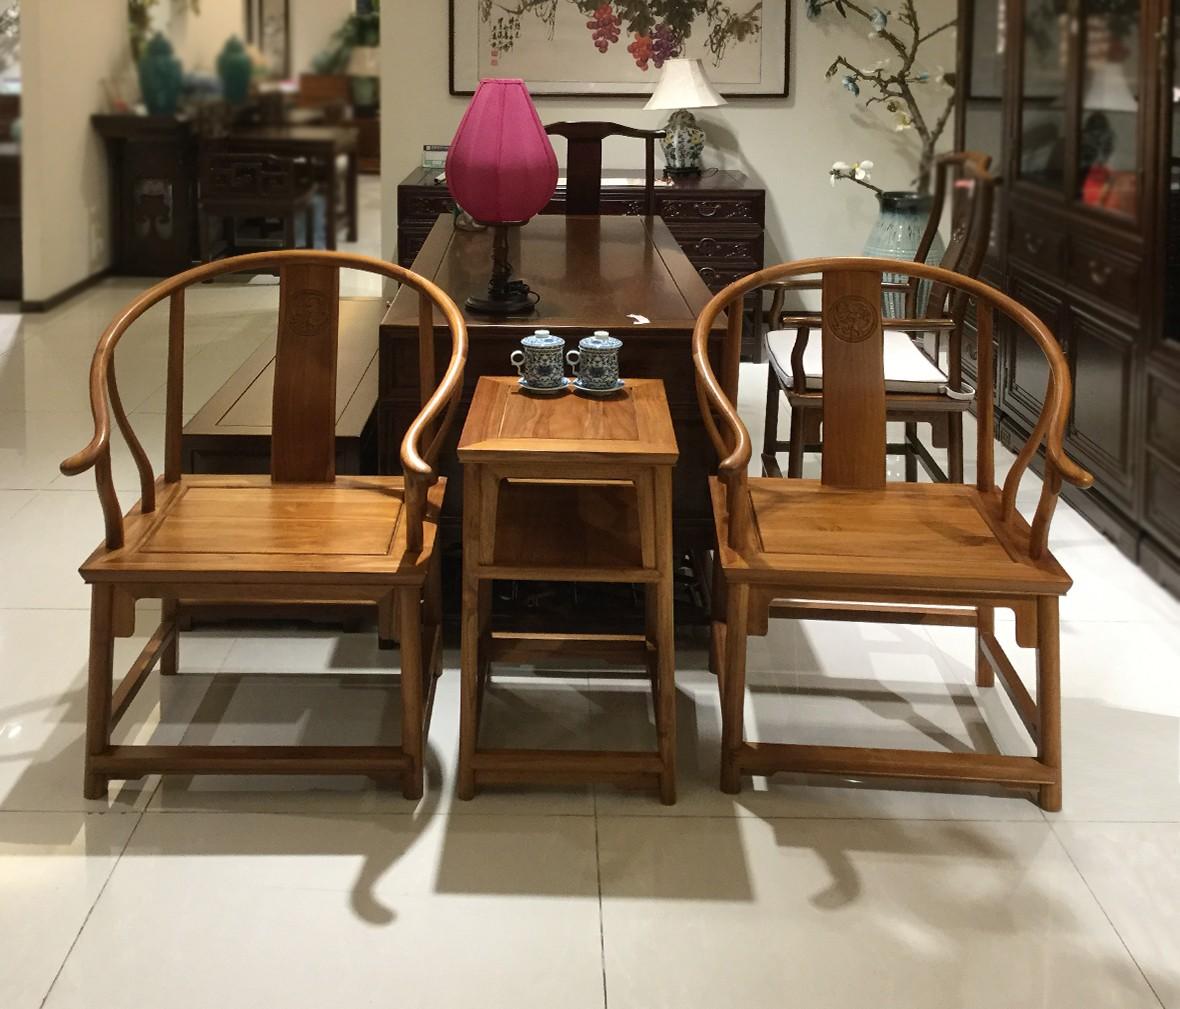 瑞尔家具 yd006-1柚木型号双层圈椅茶几 中式古典风格图片